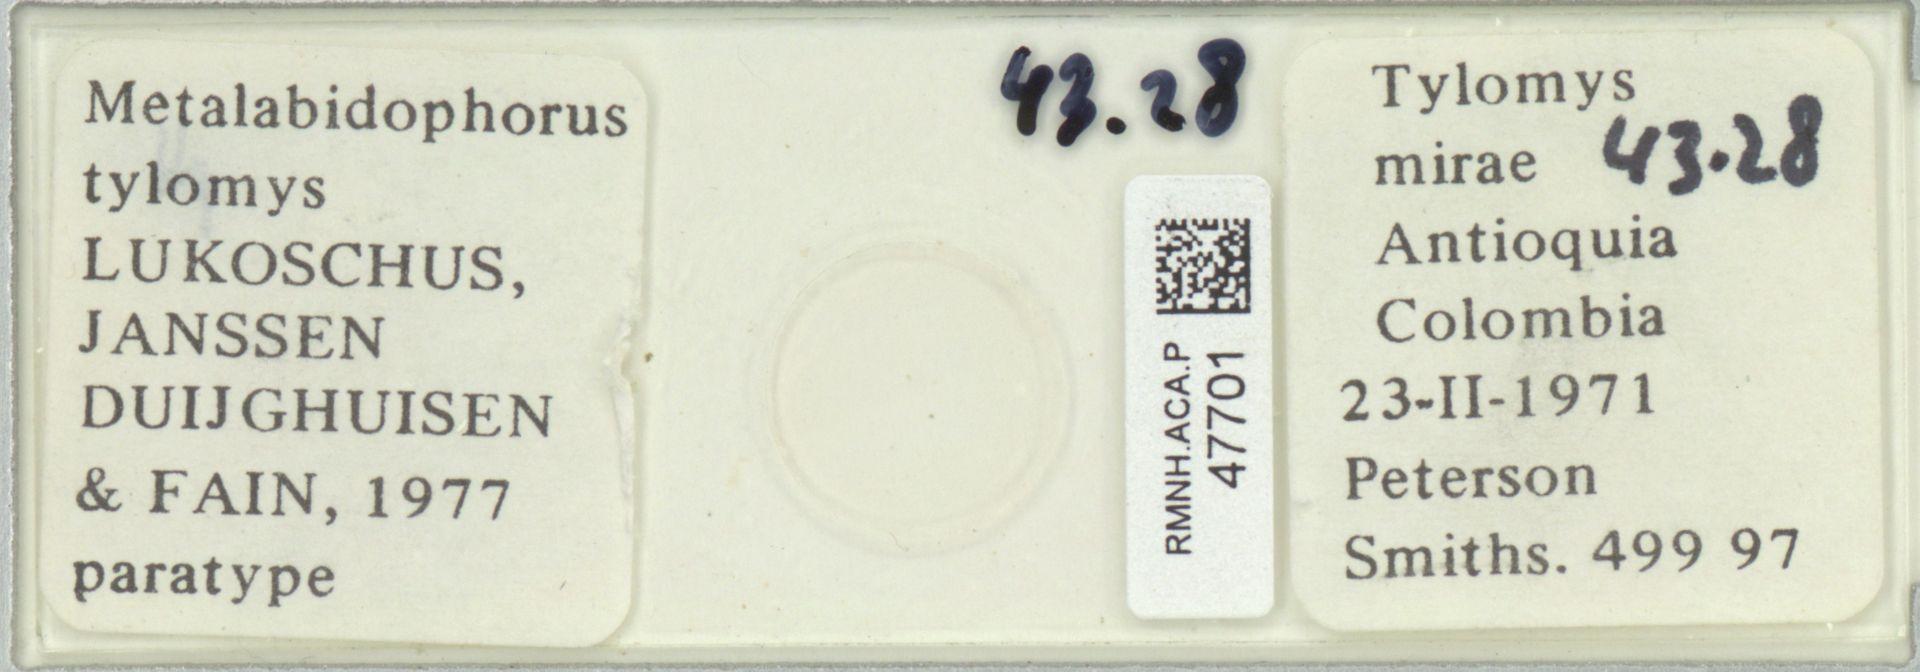 RMNH.ACA.P.47701 | Metalabidophorus tylomys Lukoschus, Janssen Duijghuisen & Fain, 1977